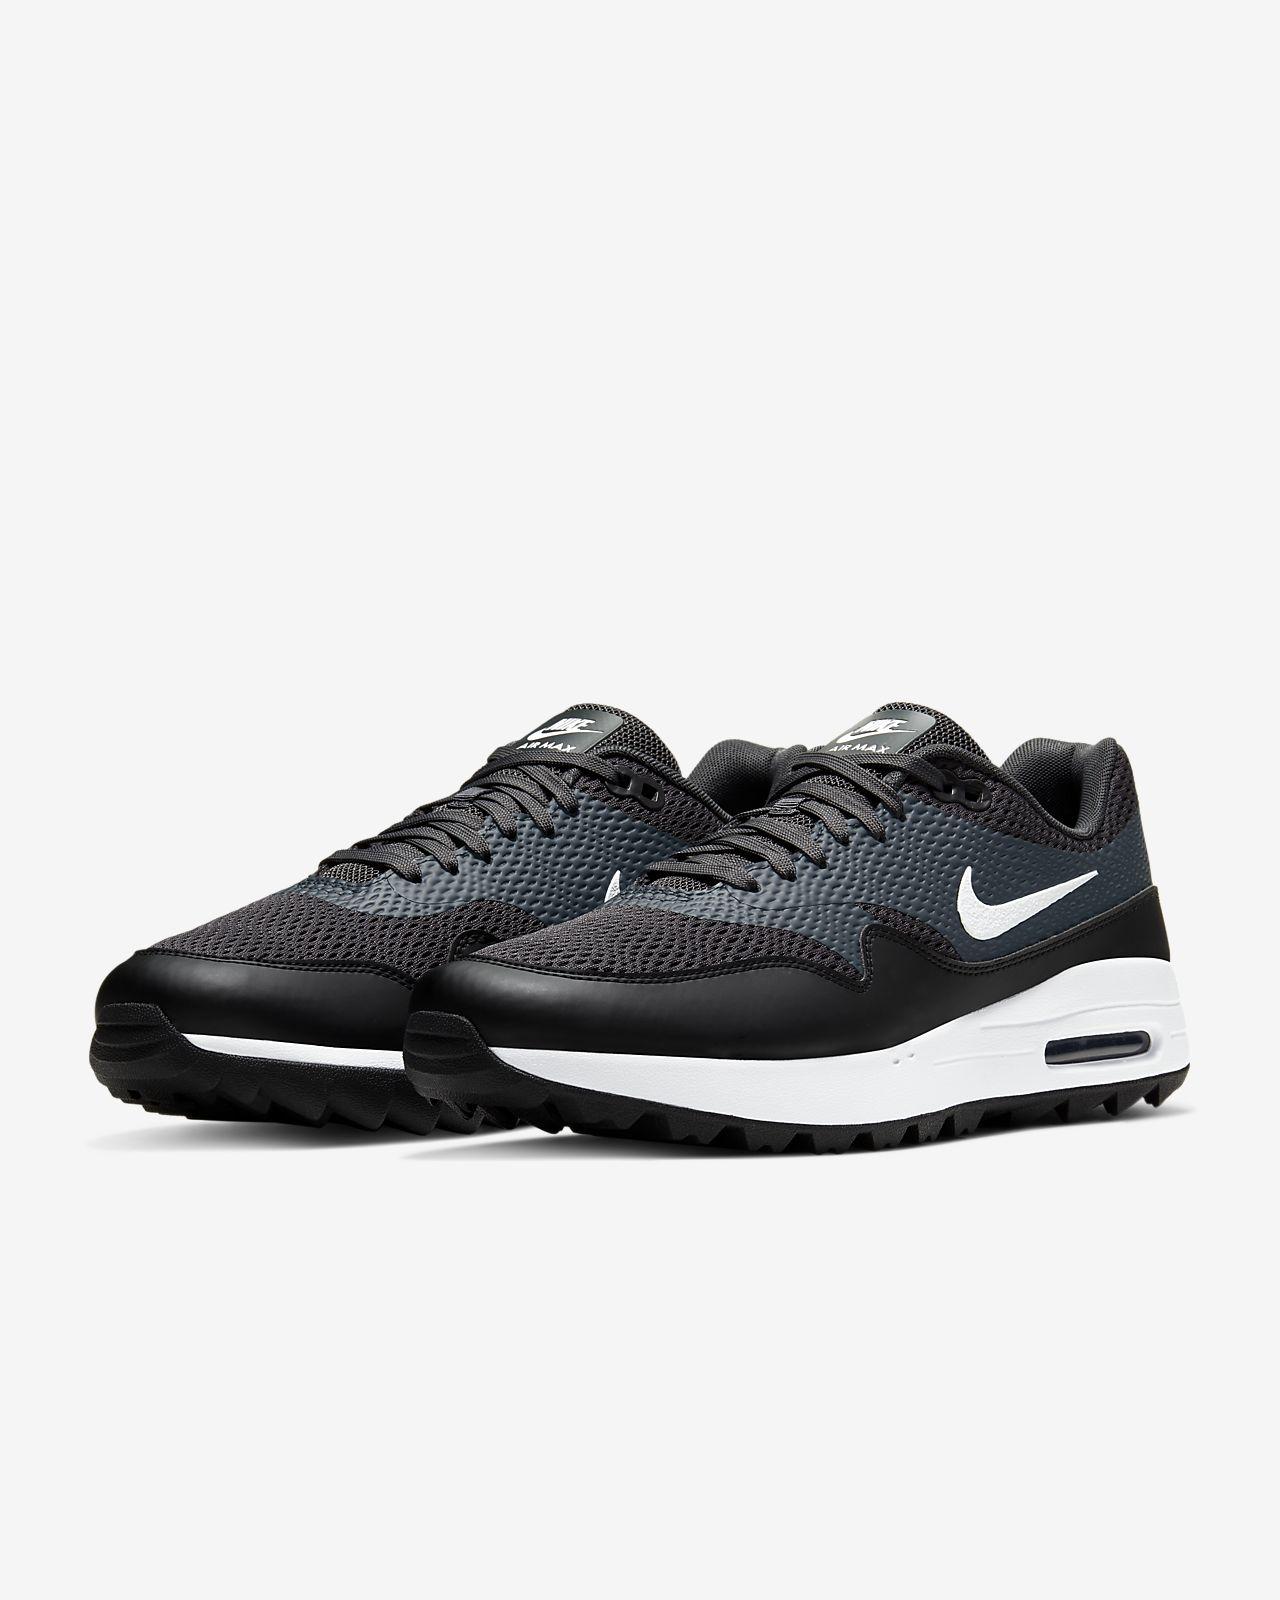 nike air max 1g golf shoes black